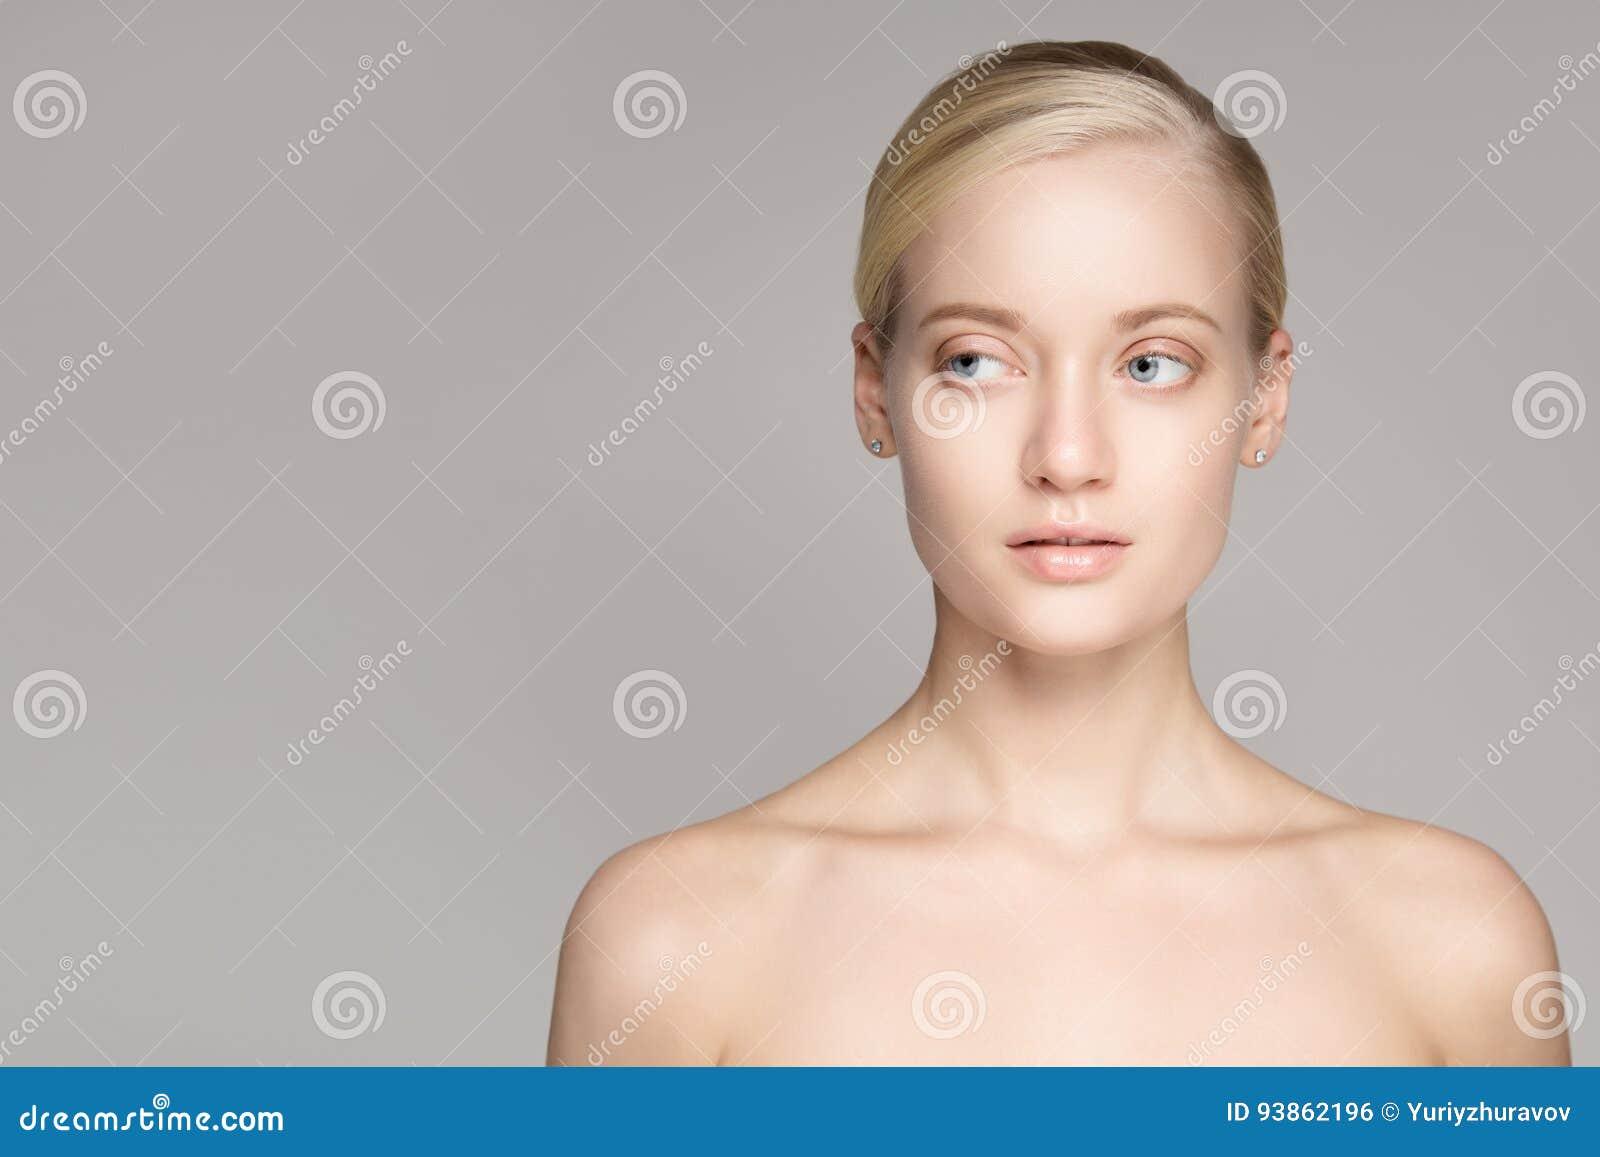 Portret van een Mooie Jonge Blonde Vrouw met Perfecte Huid